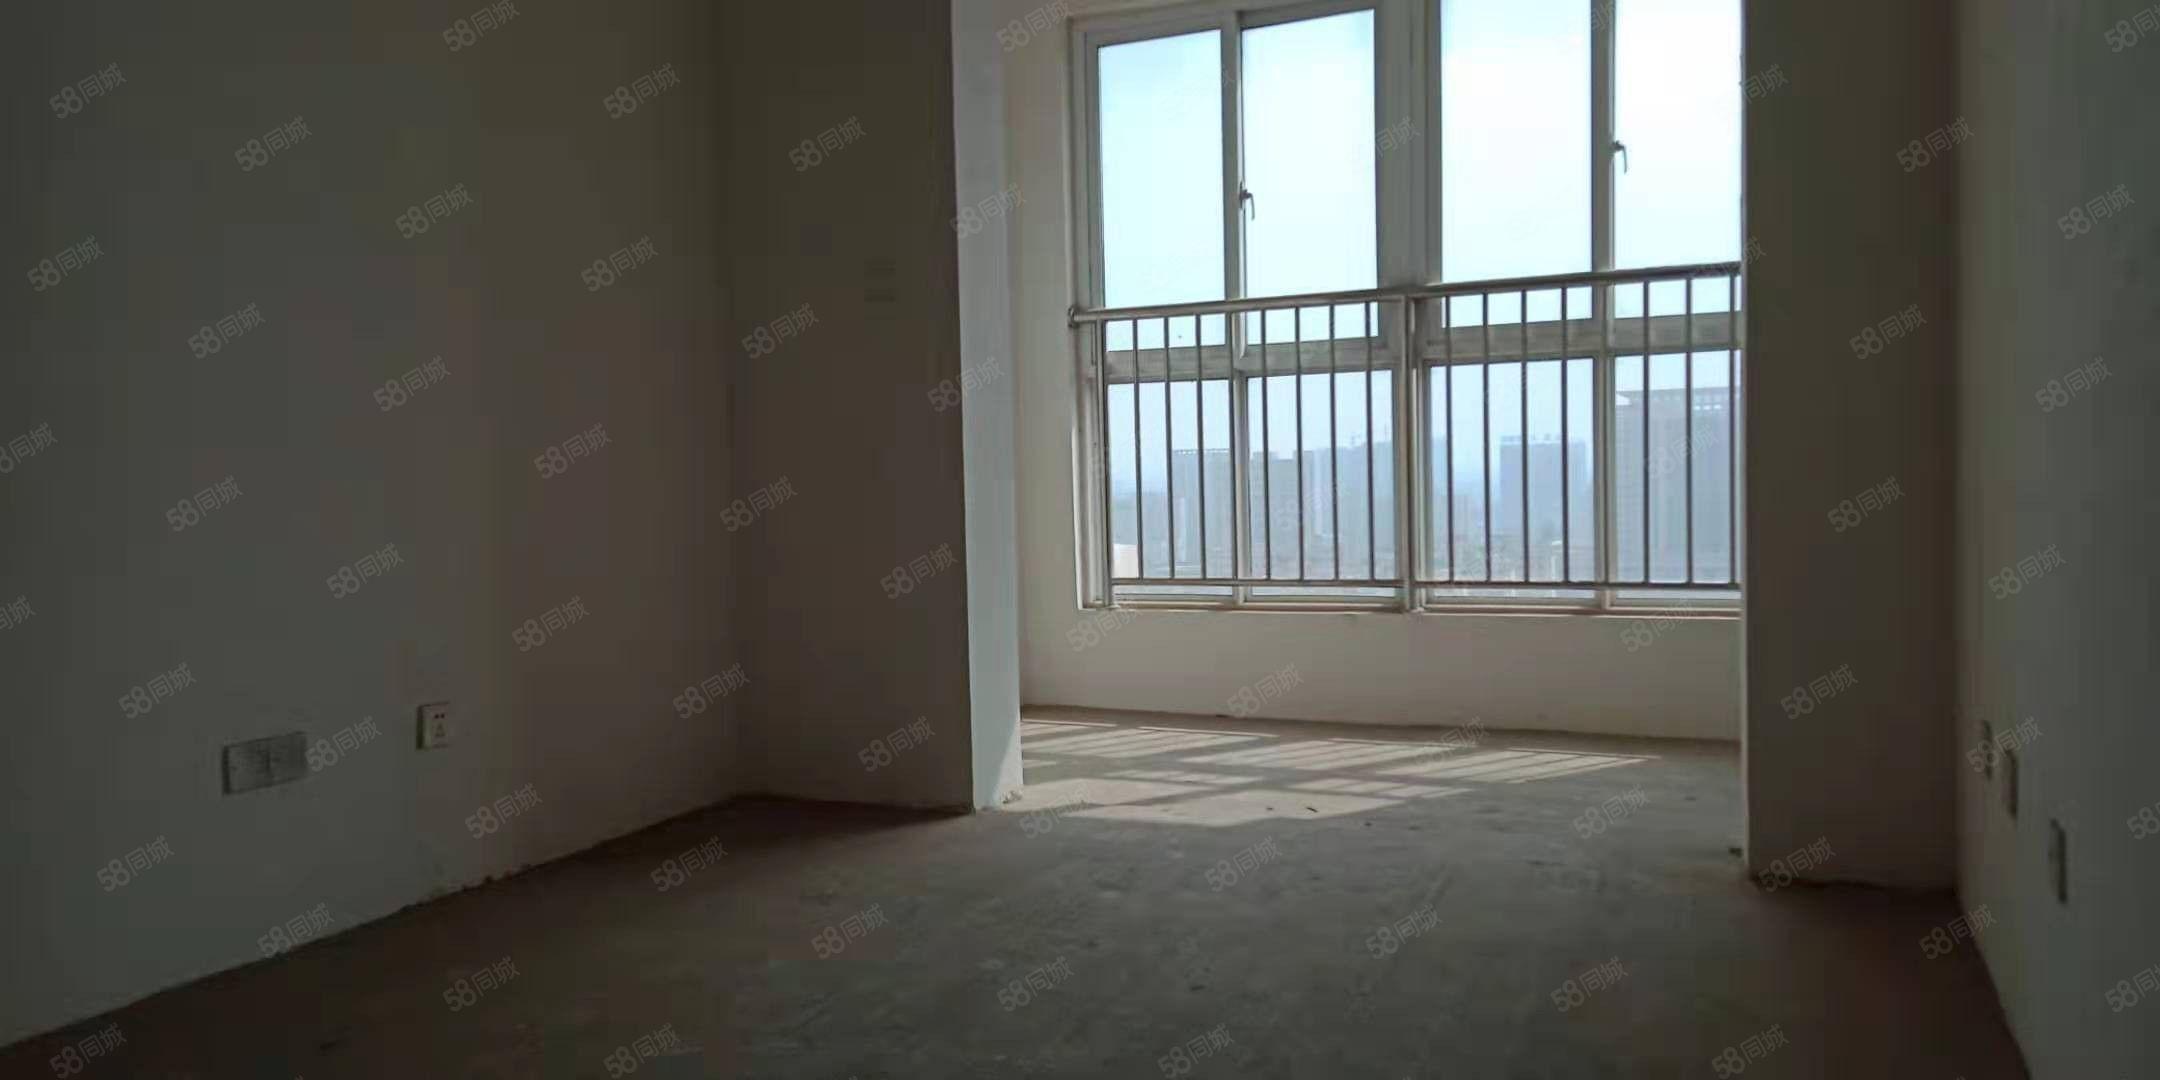 出售和谐佳苑22楼120平3室2厅2卫,毛坯,价可议,可分期